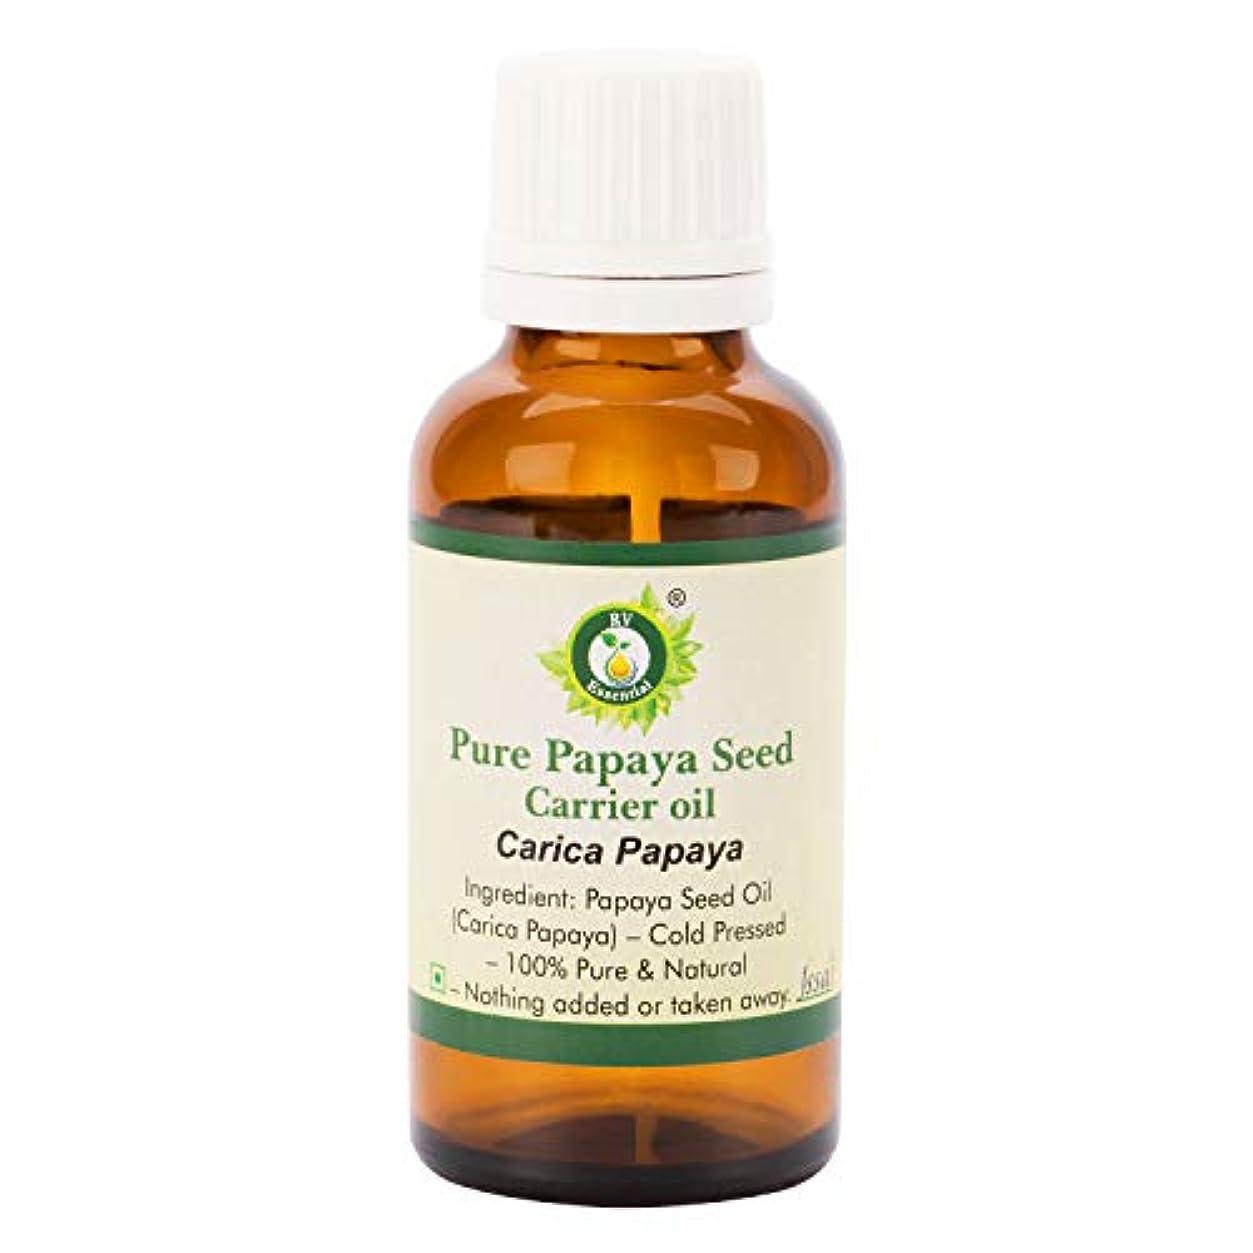 あなたが良くなります進む延期する純粋なパパイヤ種子キャリアオイル50ml (1.69oz)- Carica Papaya (100%ピュア&ナチュラルコールドPressed) Pure Papaya Seed Carrier Oil